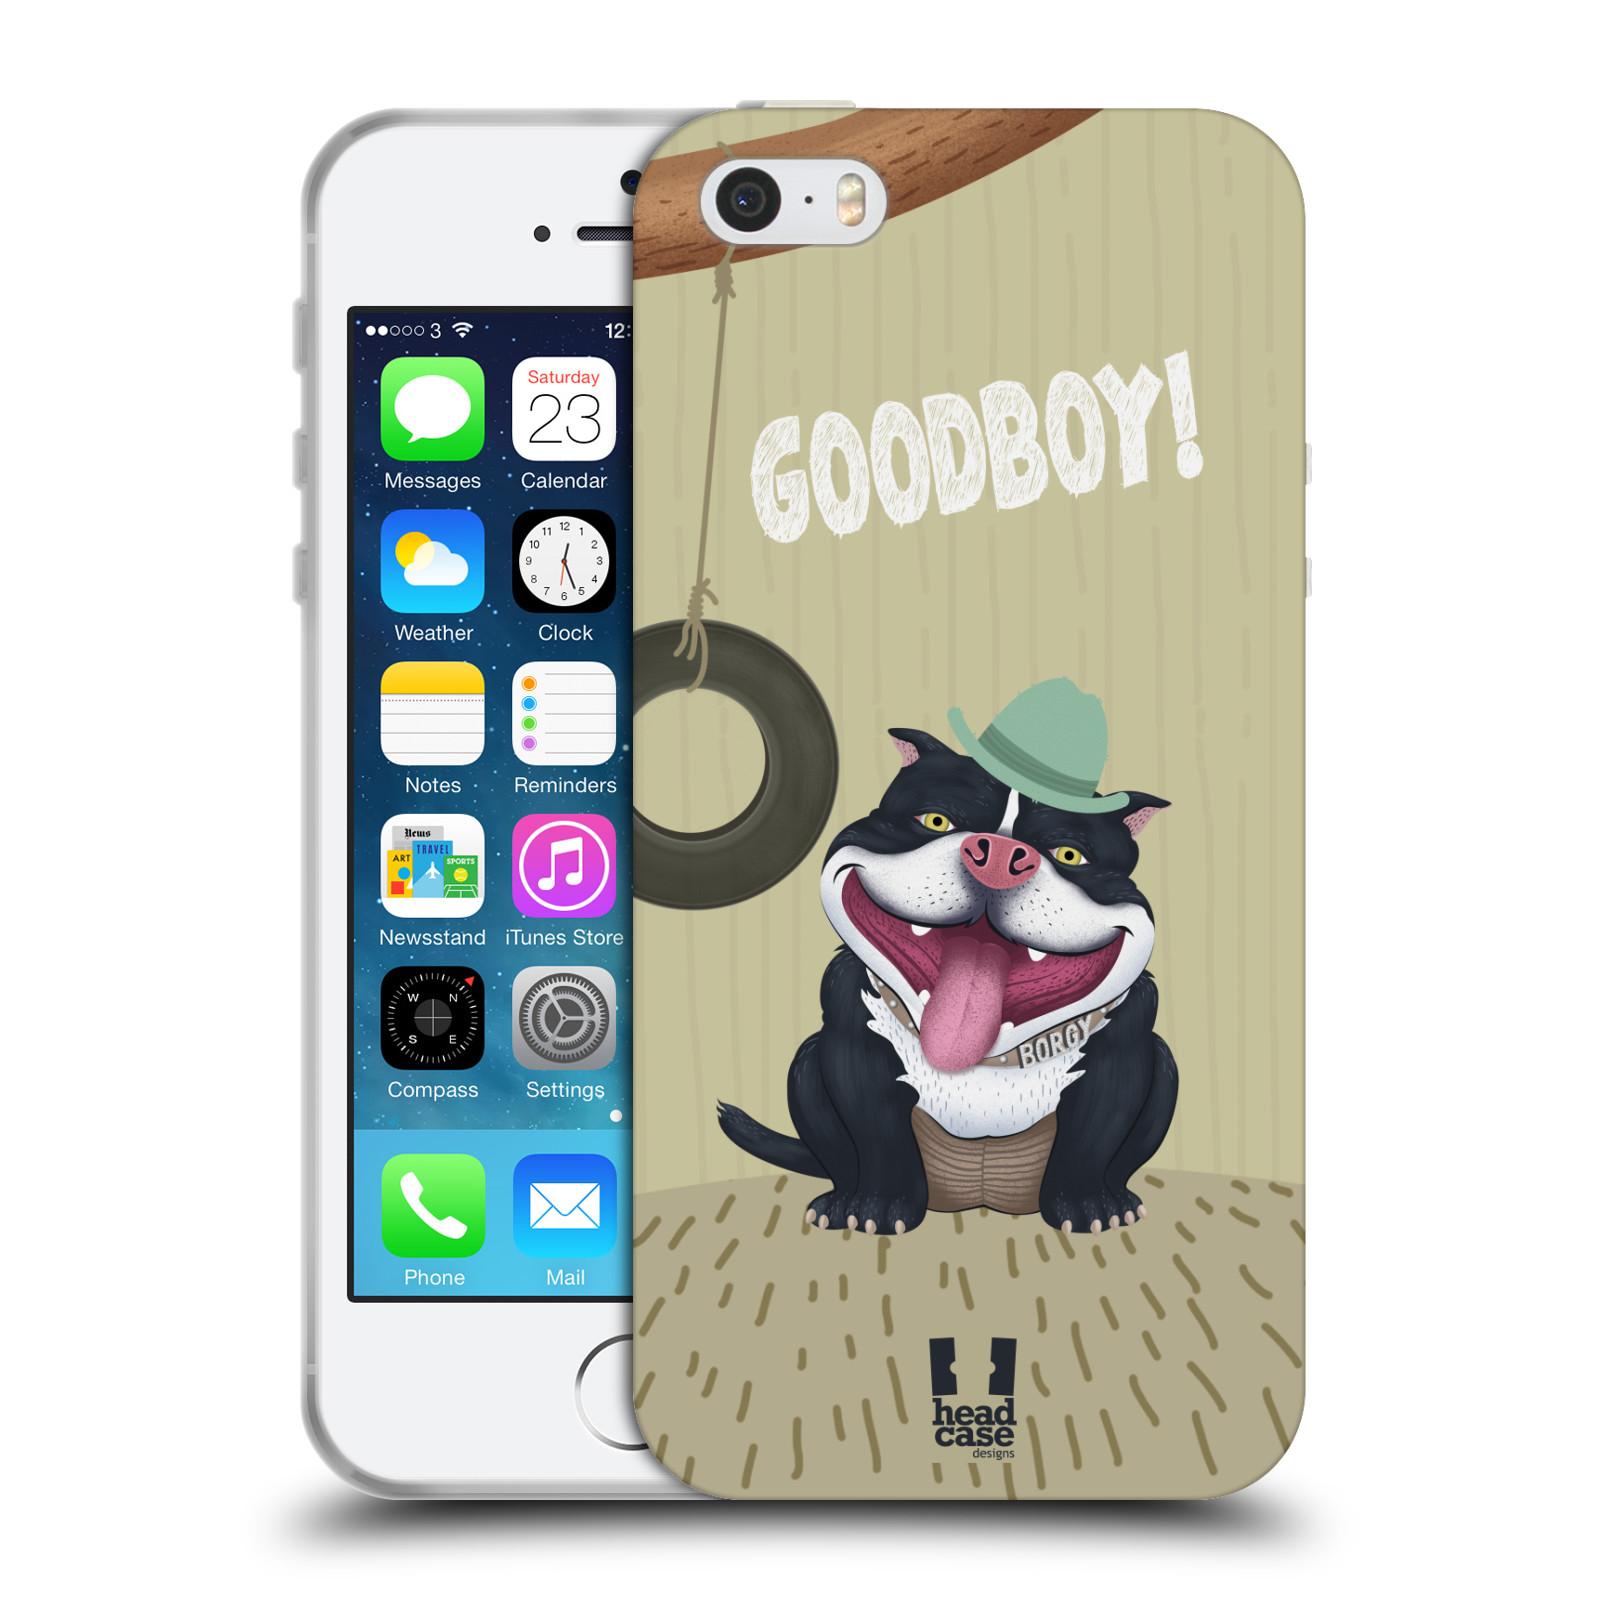 Silikonové pouzdro na mobil Apple iPhone SE, 5 a 5S HEAD CASE Goodboy! Pejsek (Silikonový kryt či obal na mobilní telefon Apple iPhone SE, 5 a 5S)